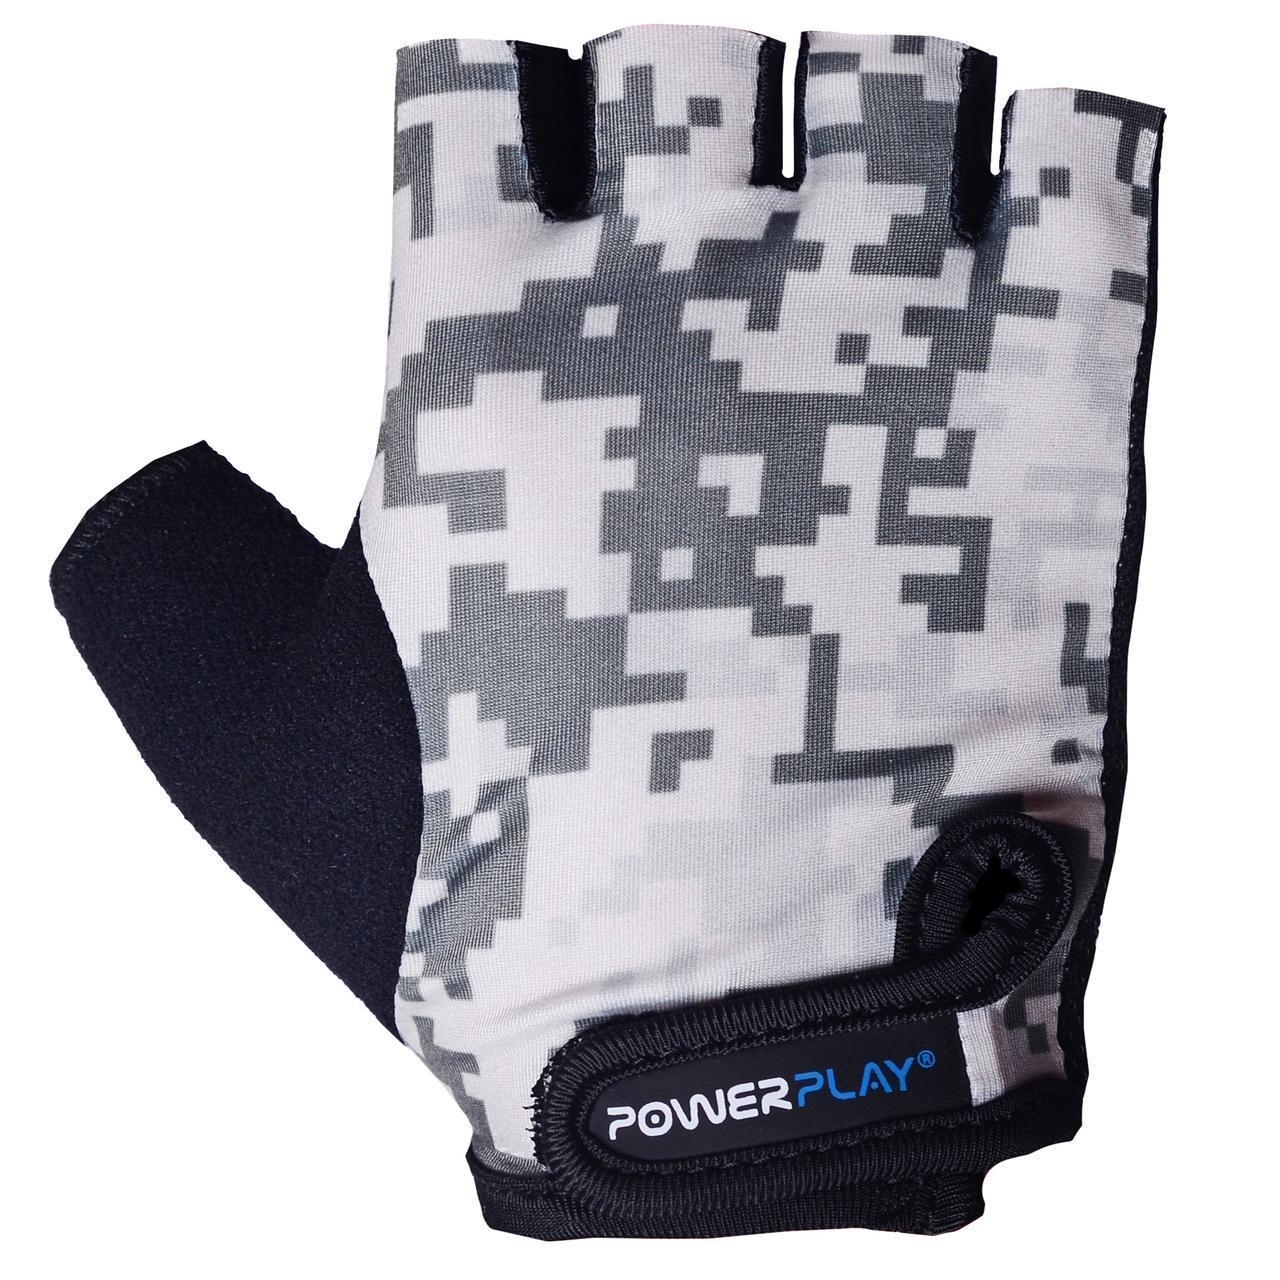 Детские перчатки для велосипеда PowerPlay 5454 Камуфляж серые XS